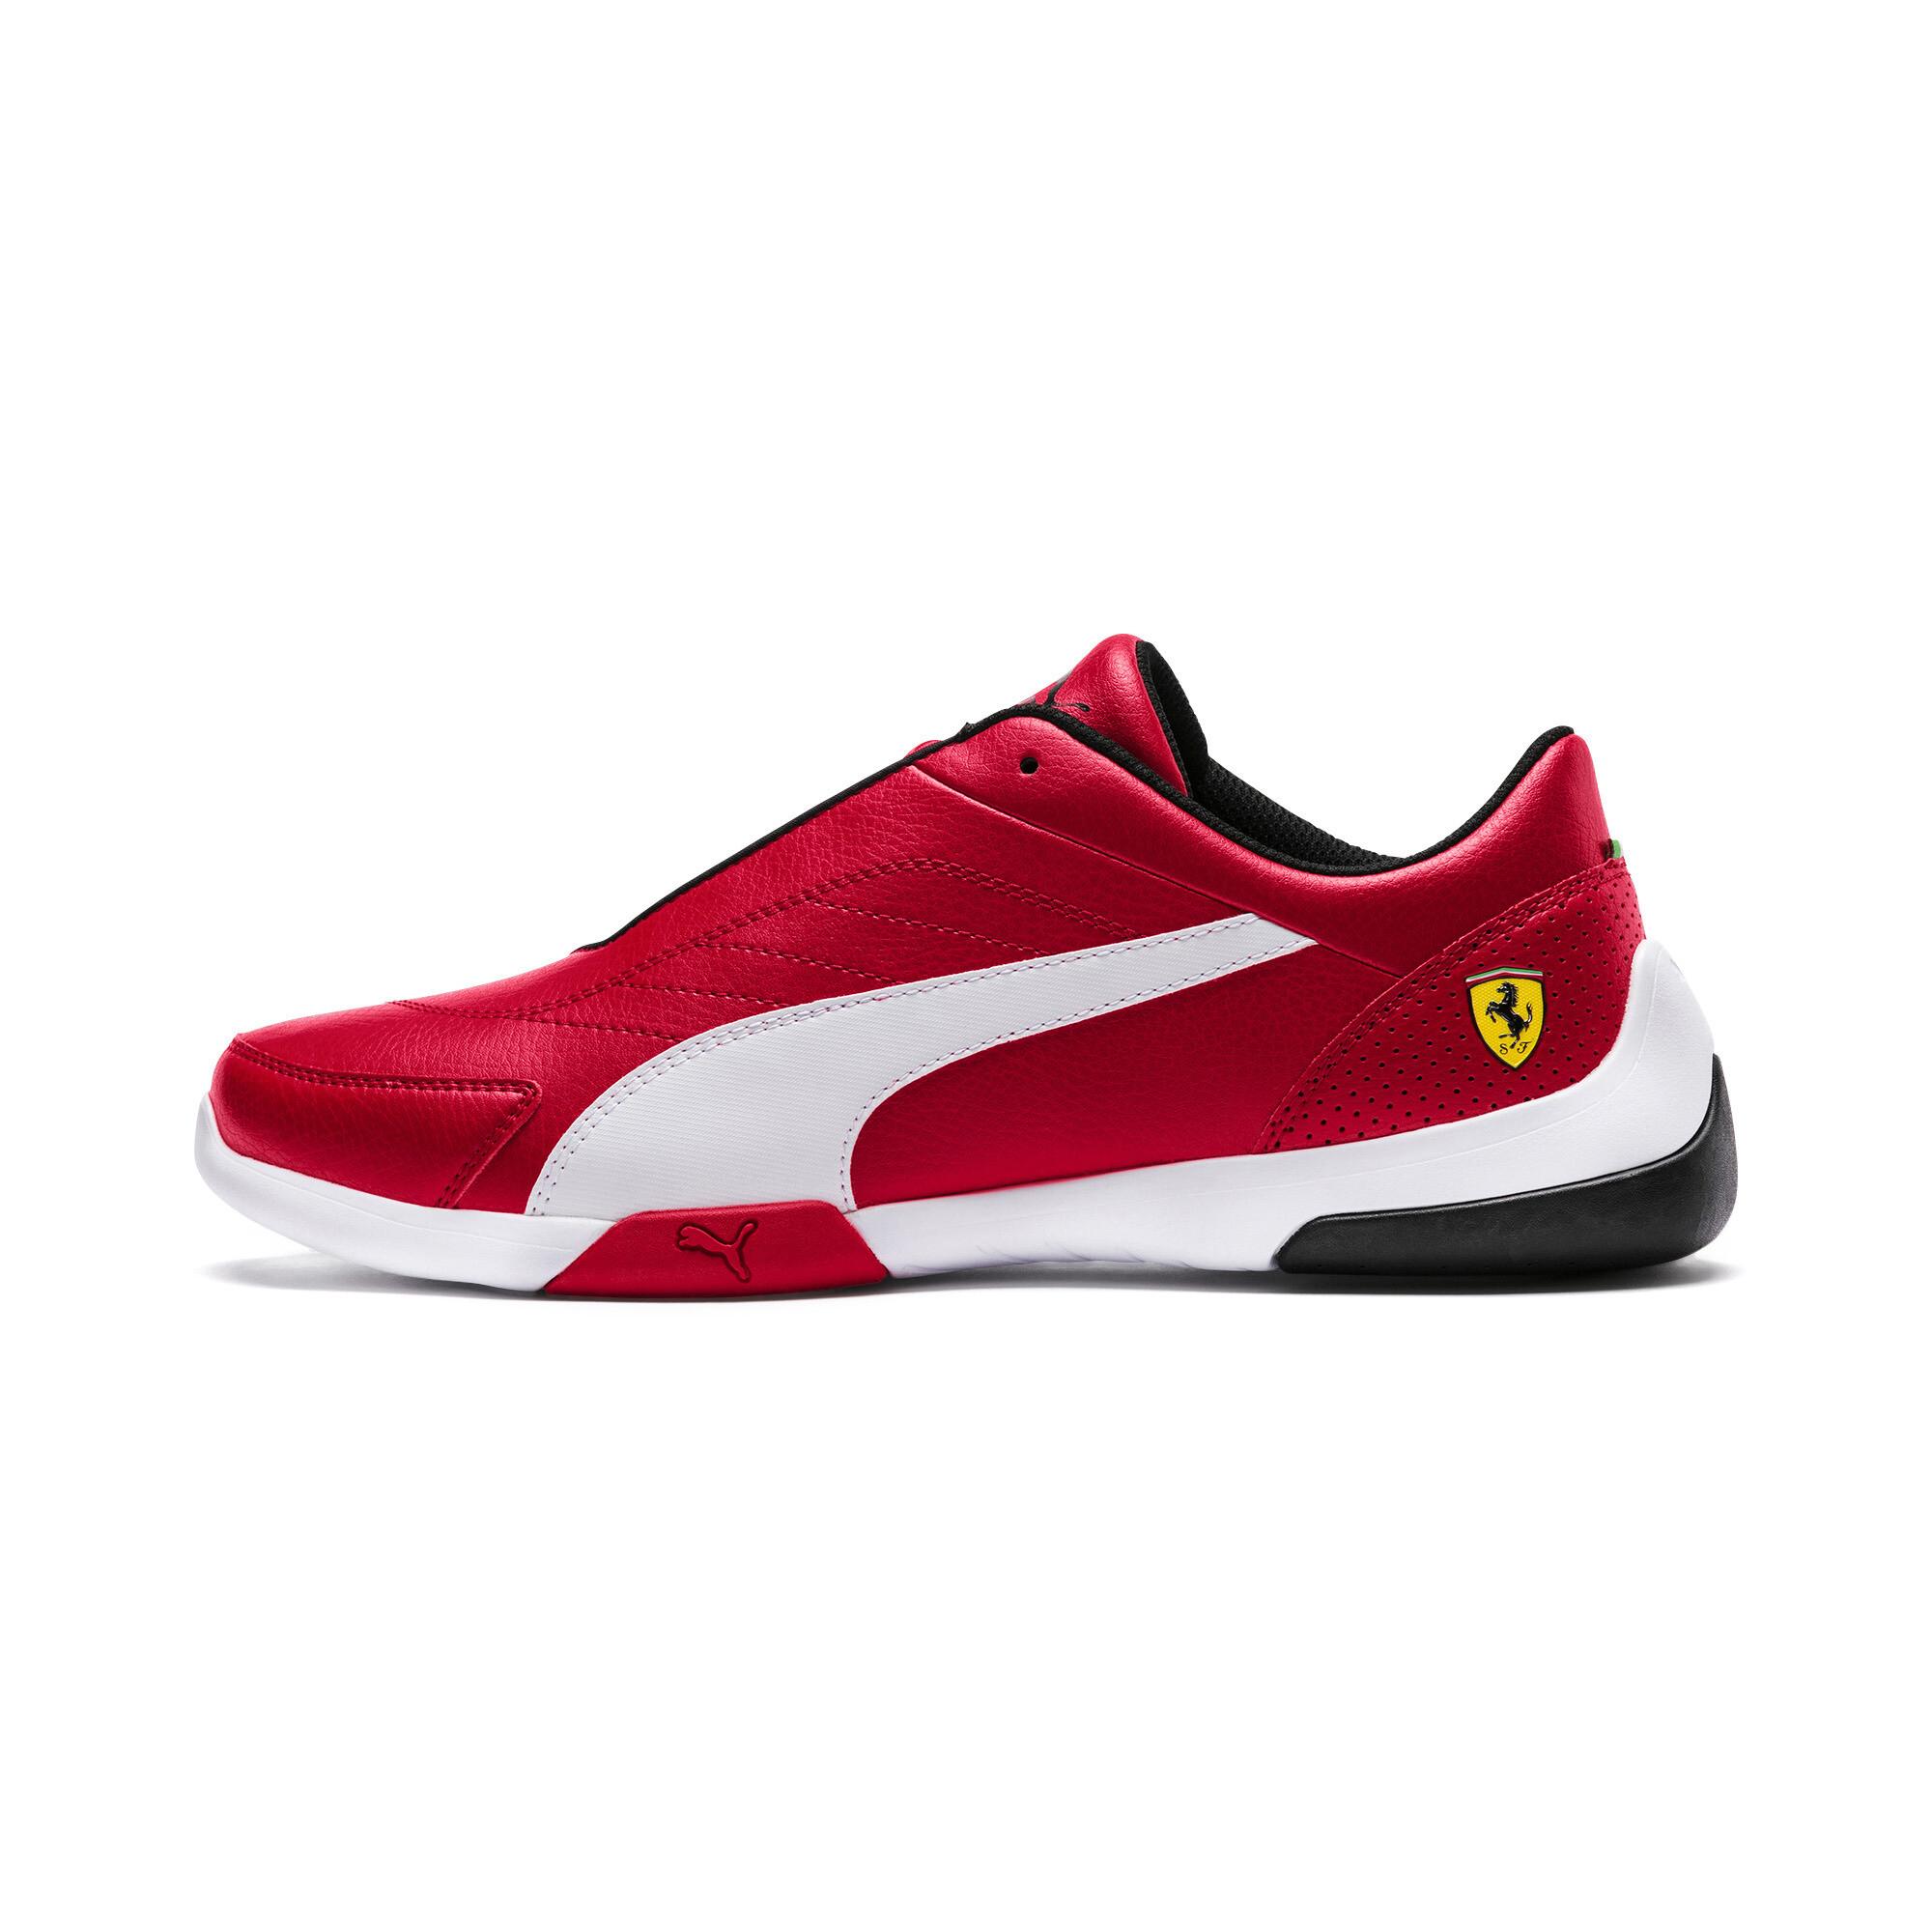 PUMA-Scuderia-Ferrari-Kart-Cat-III-Shoes-Men-Shoe-Auto thumbnail 24